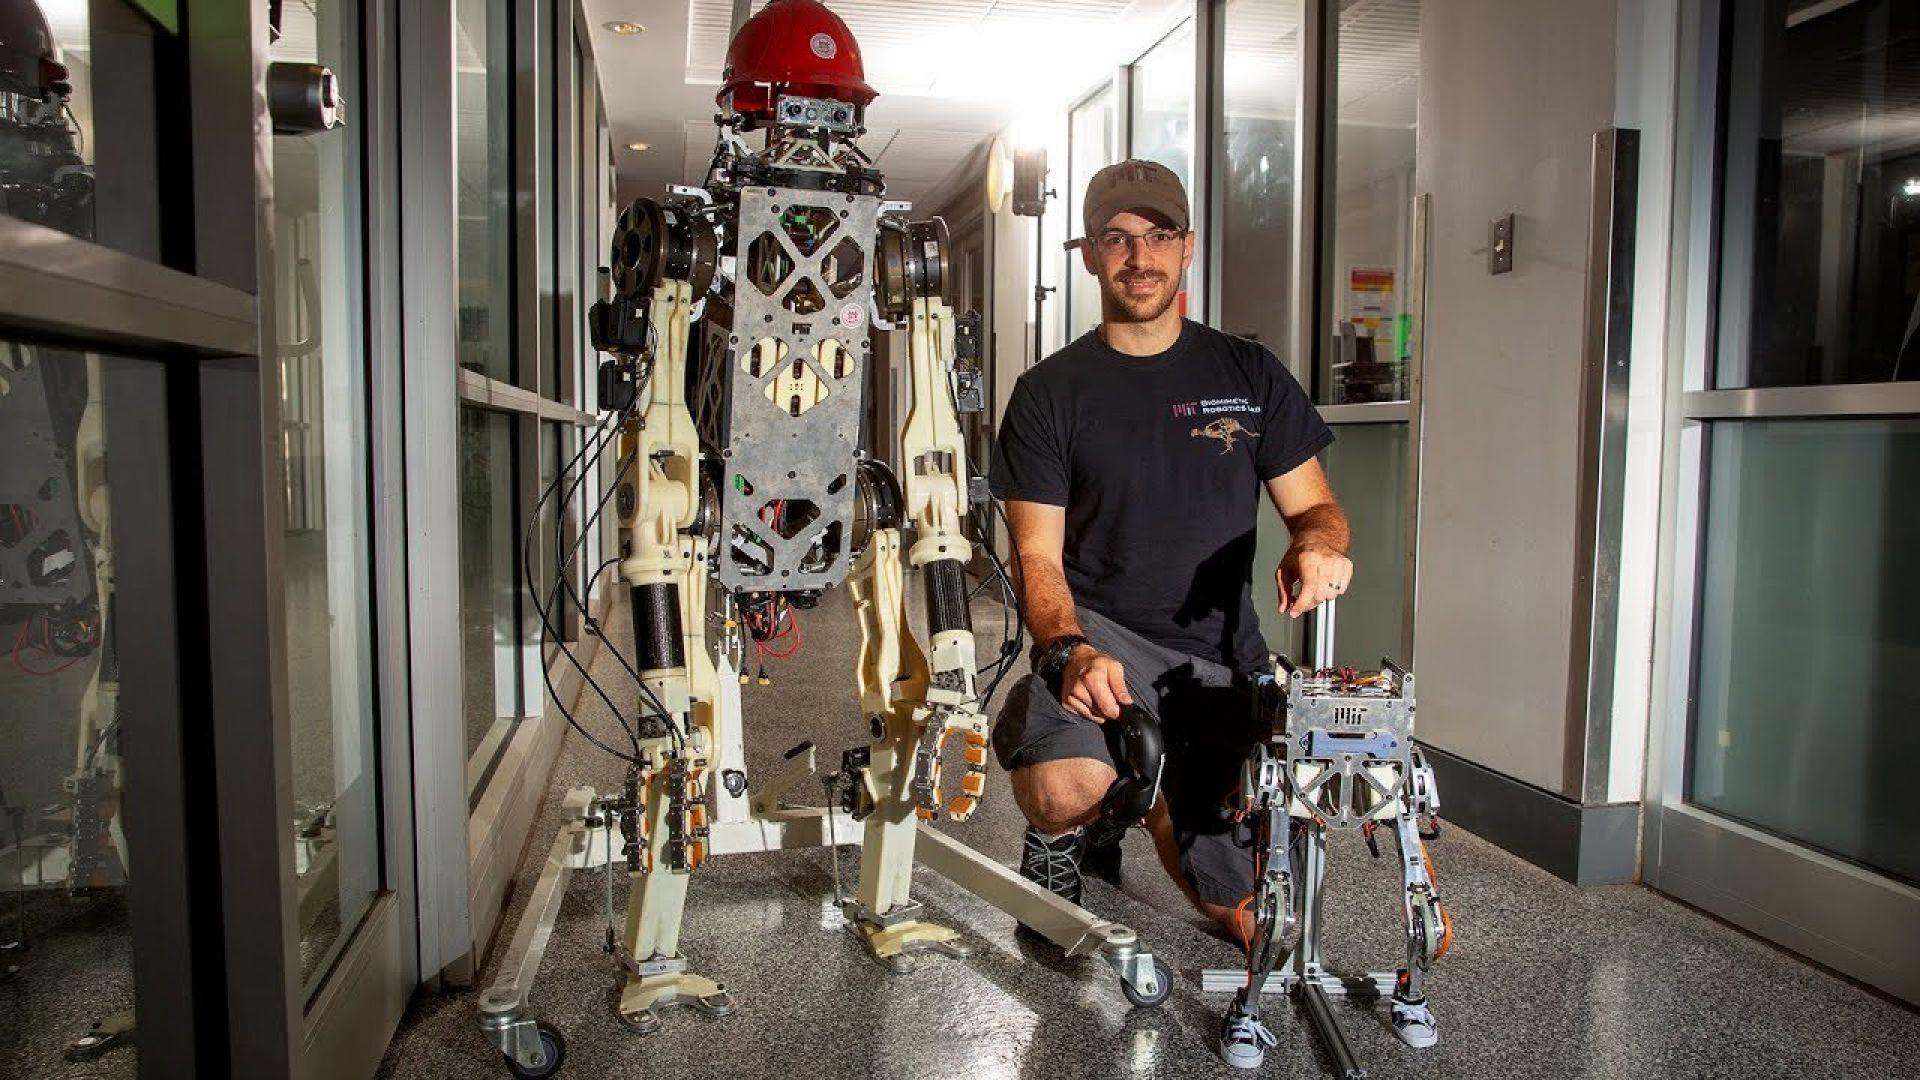 Малък двуног робот ходи и скача като човек (видео)